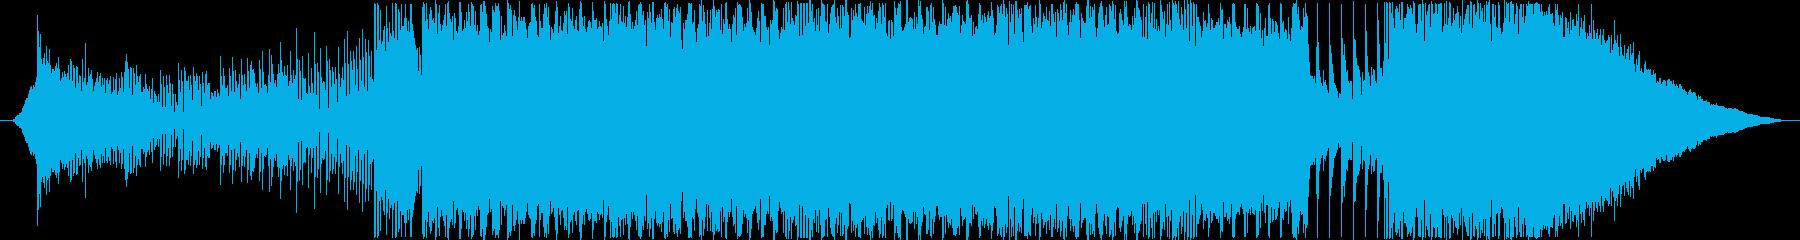 デジタルなエピックロック曲の再生済みの波形